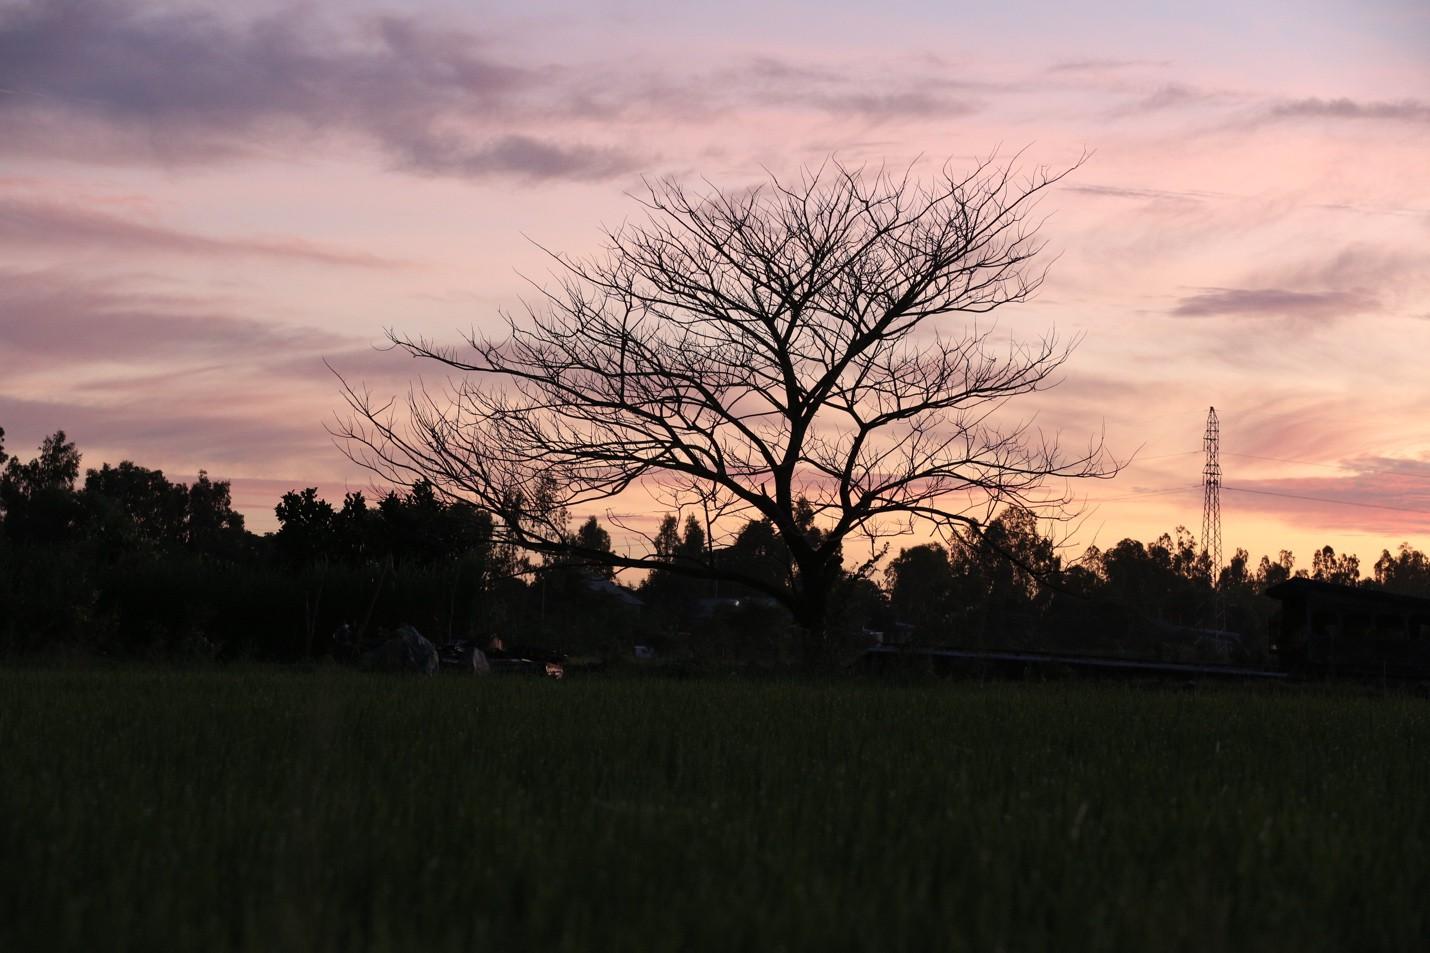 Thất Sơn Tâm Linh ghi dấu ấn với cảnh đẹp yên bình miền Thất Sơn - Ảnh 4.